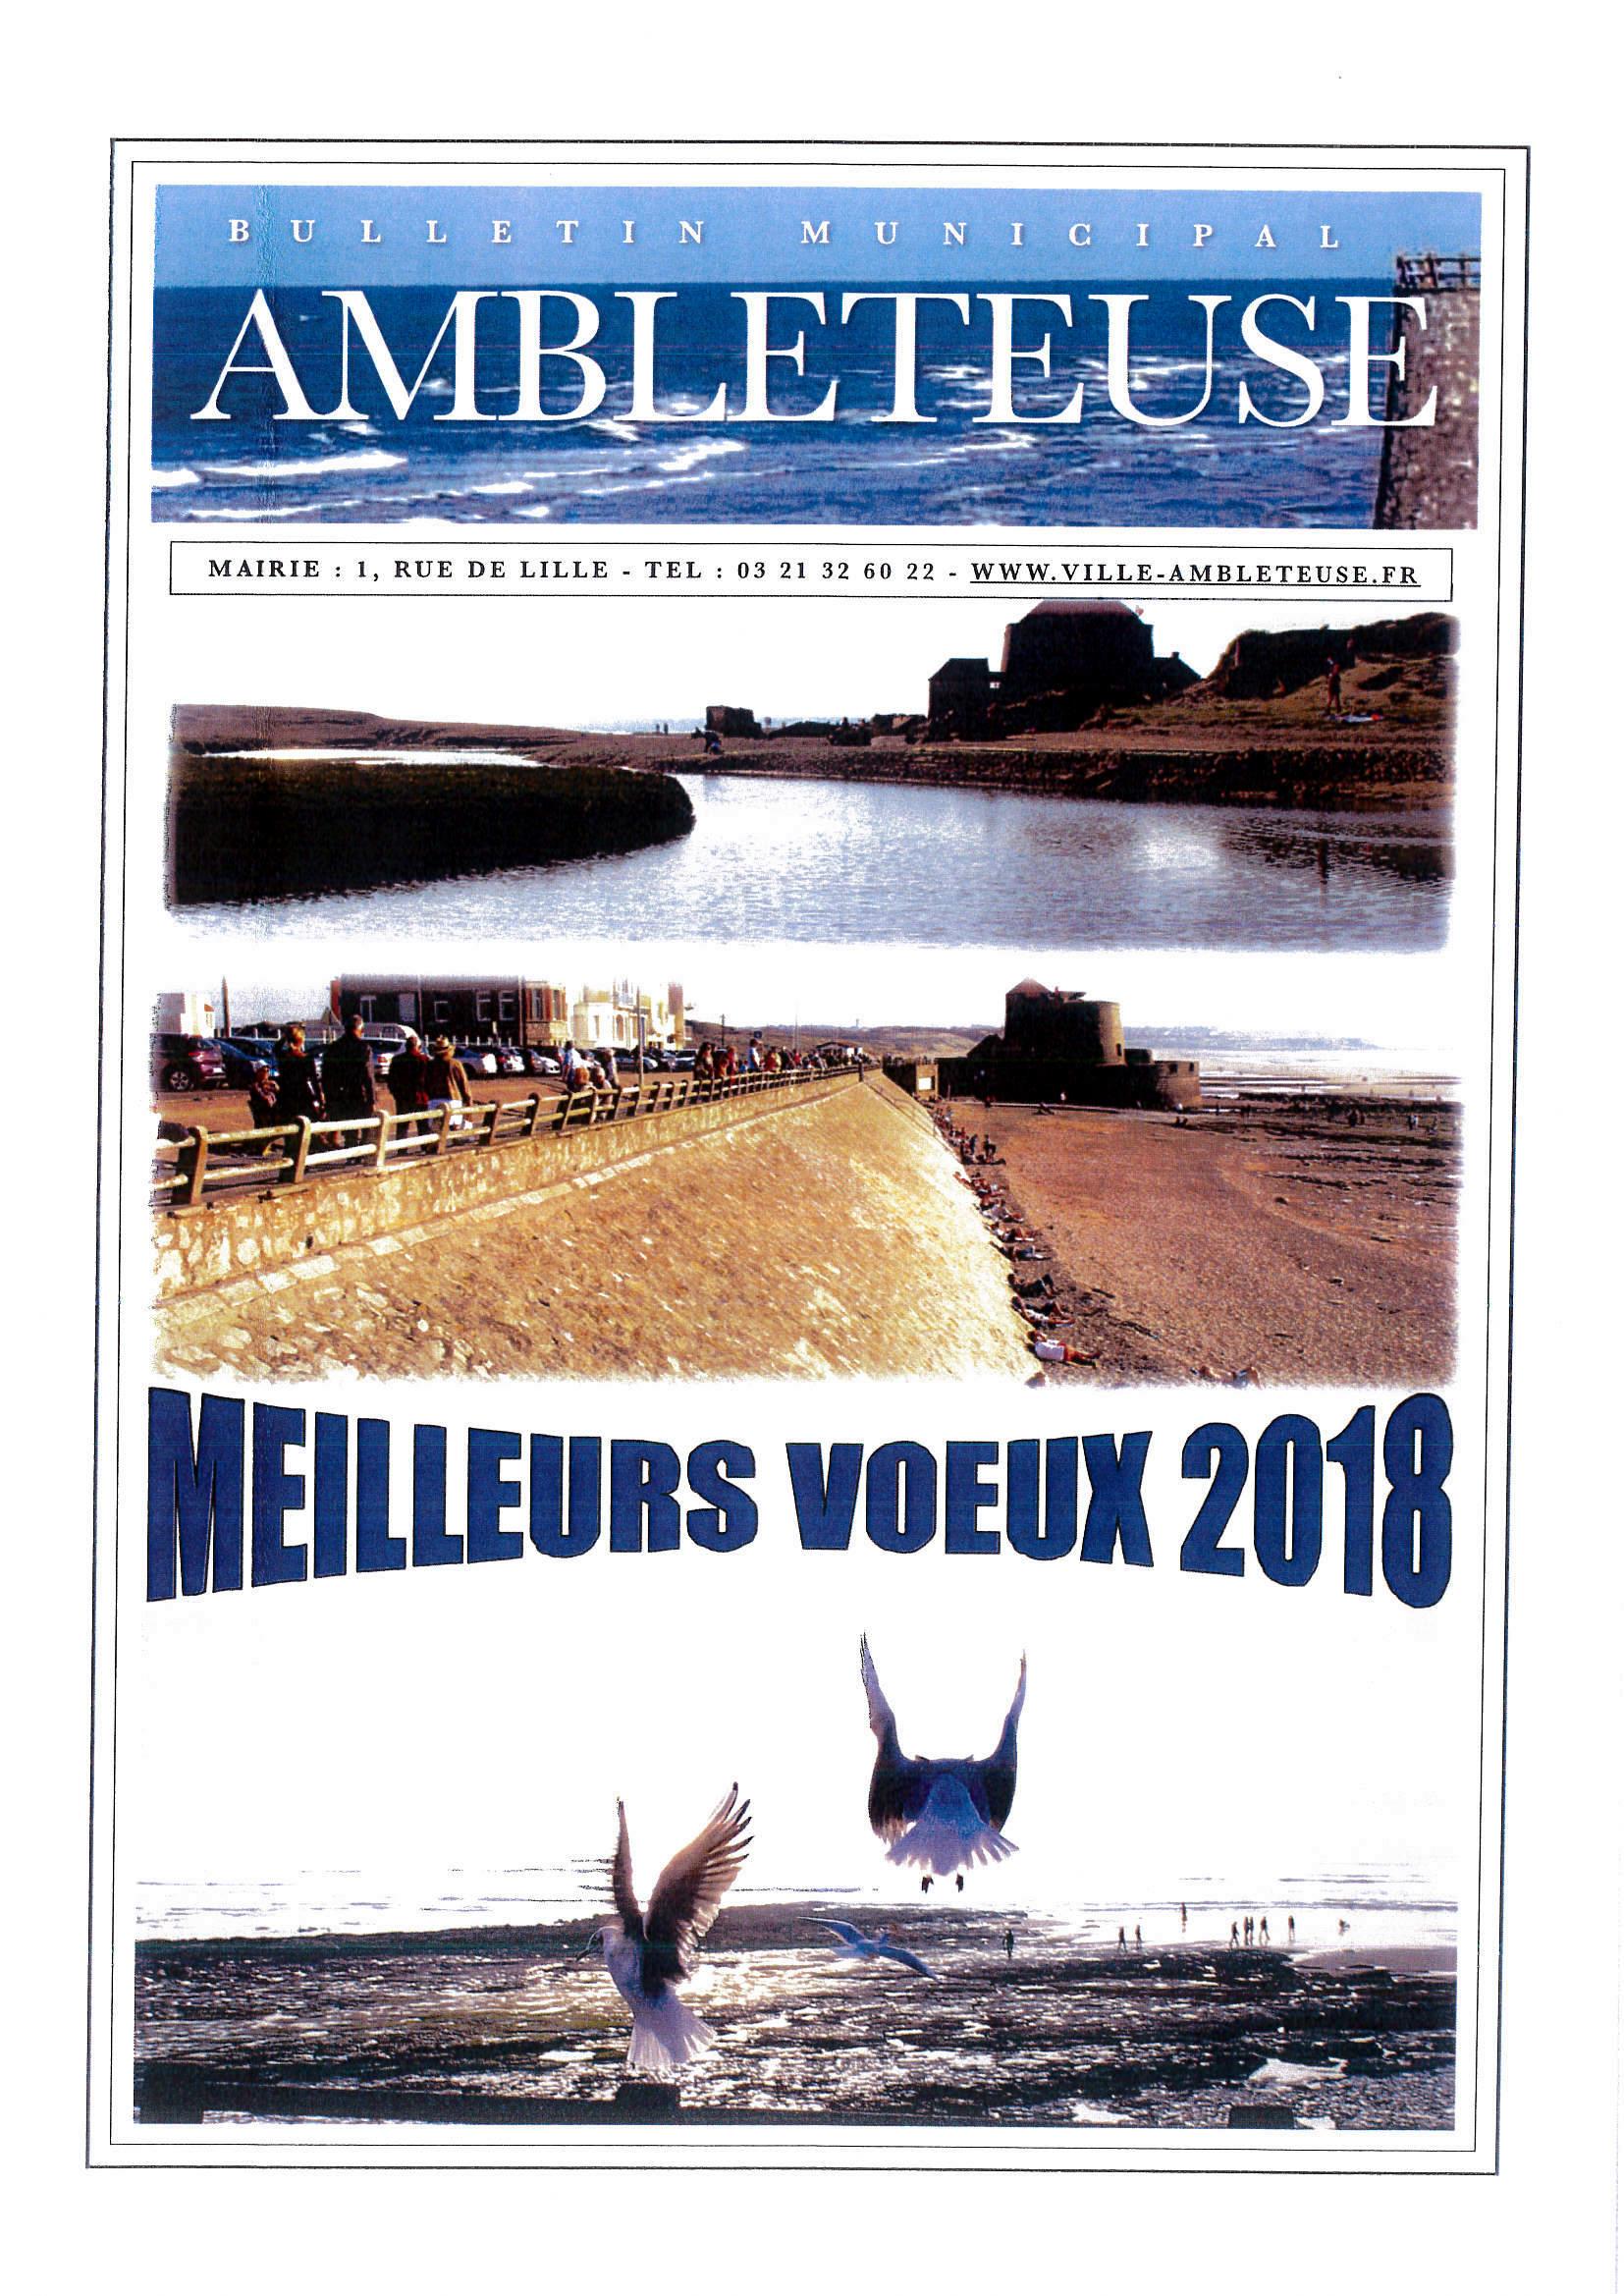 bulletin municipal _001.jpg